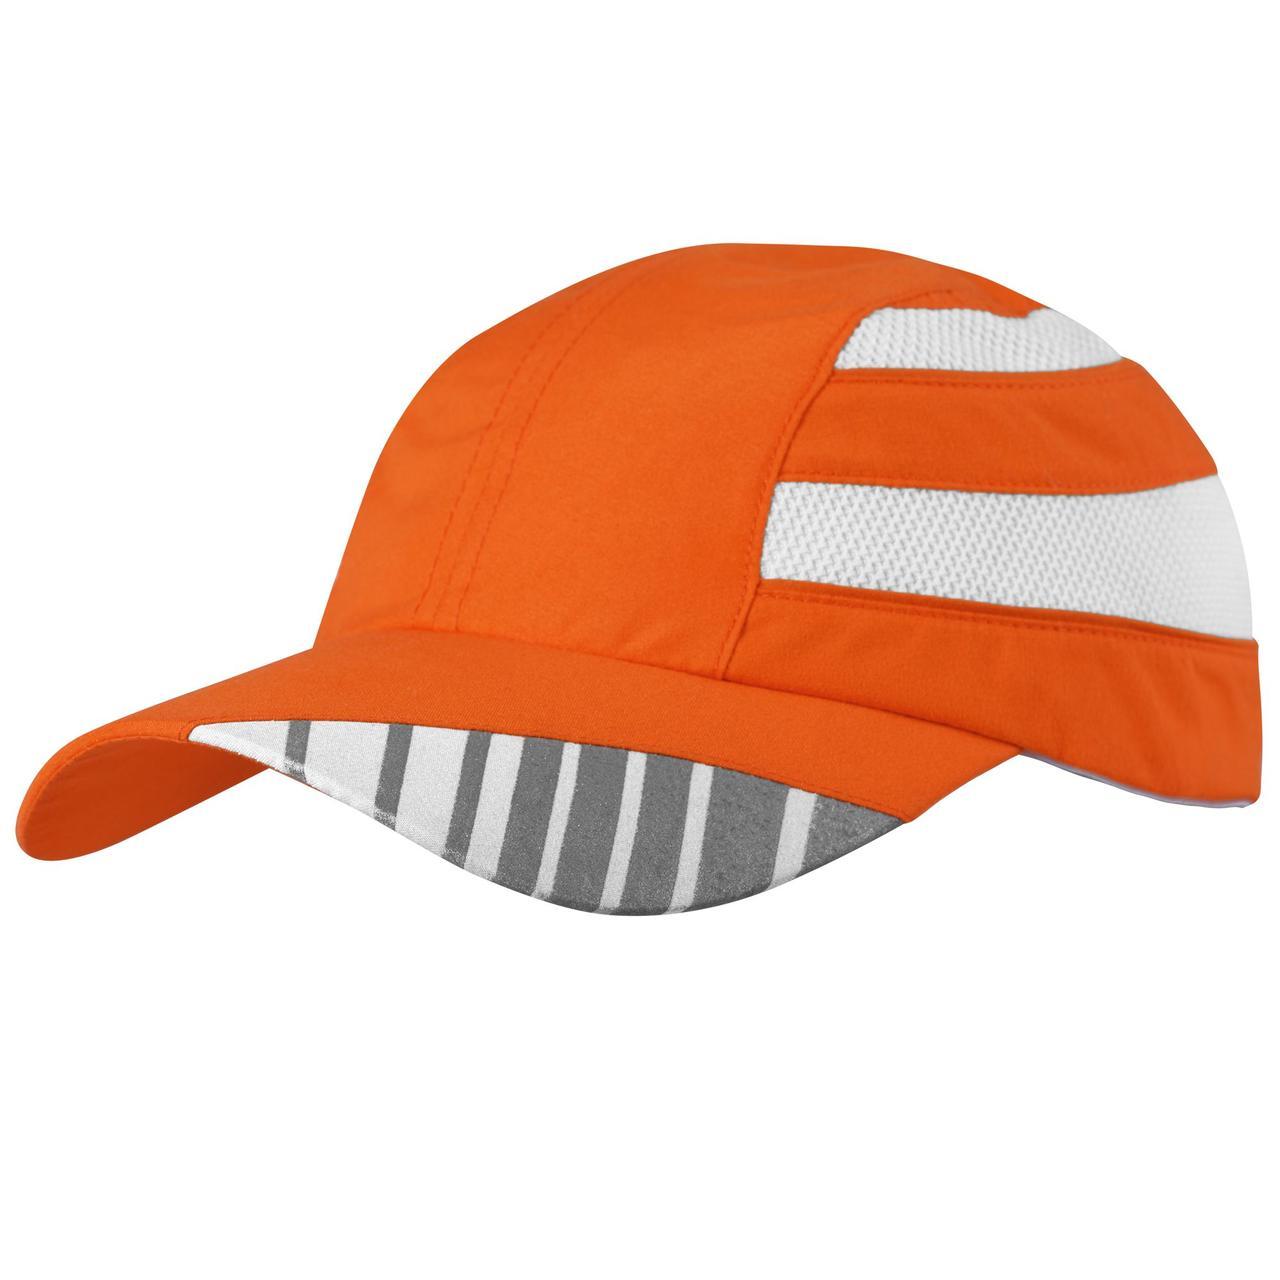 Бейсболка Ben Nevis со светоотражающим элементом, оранжевая (артикул 2387.20)